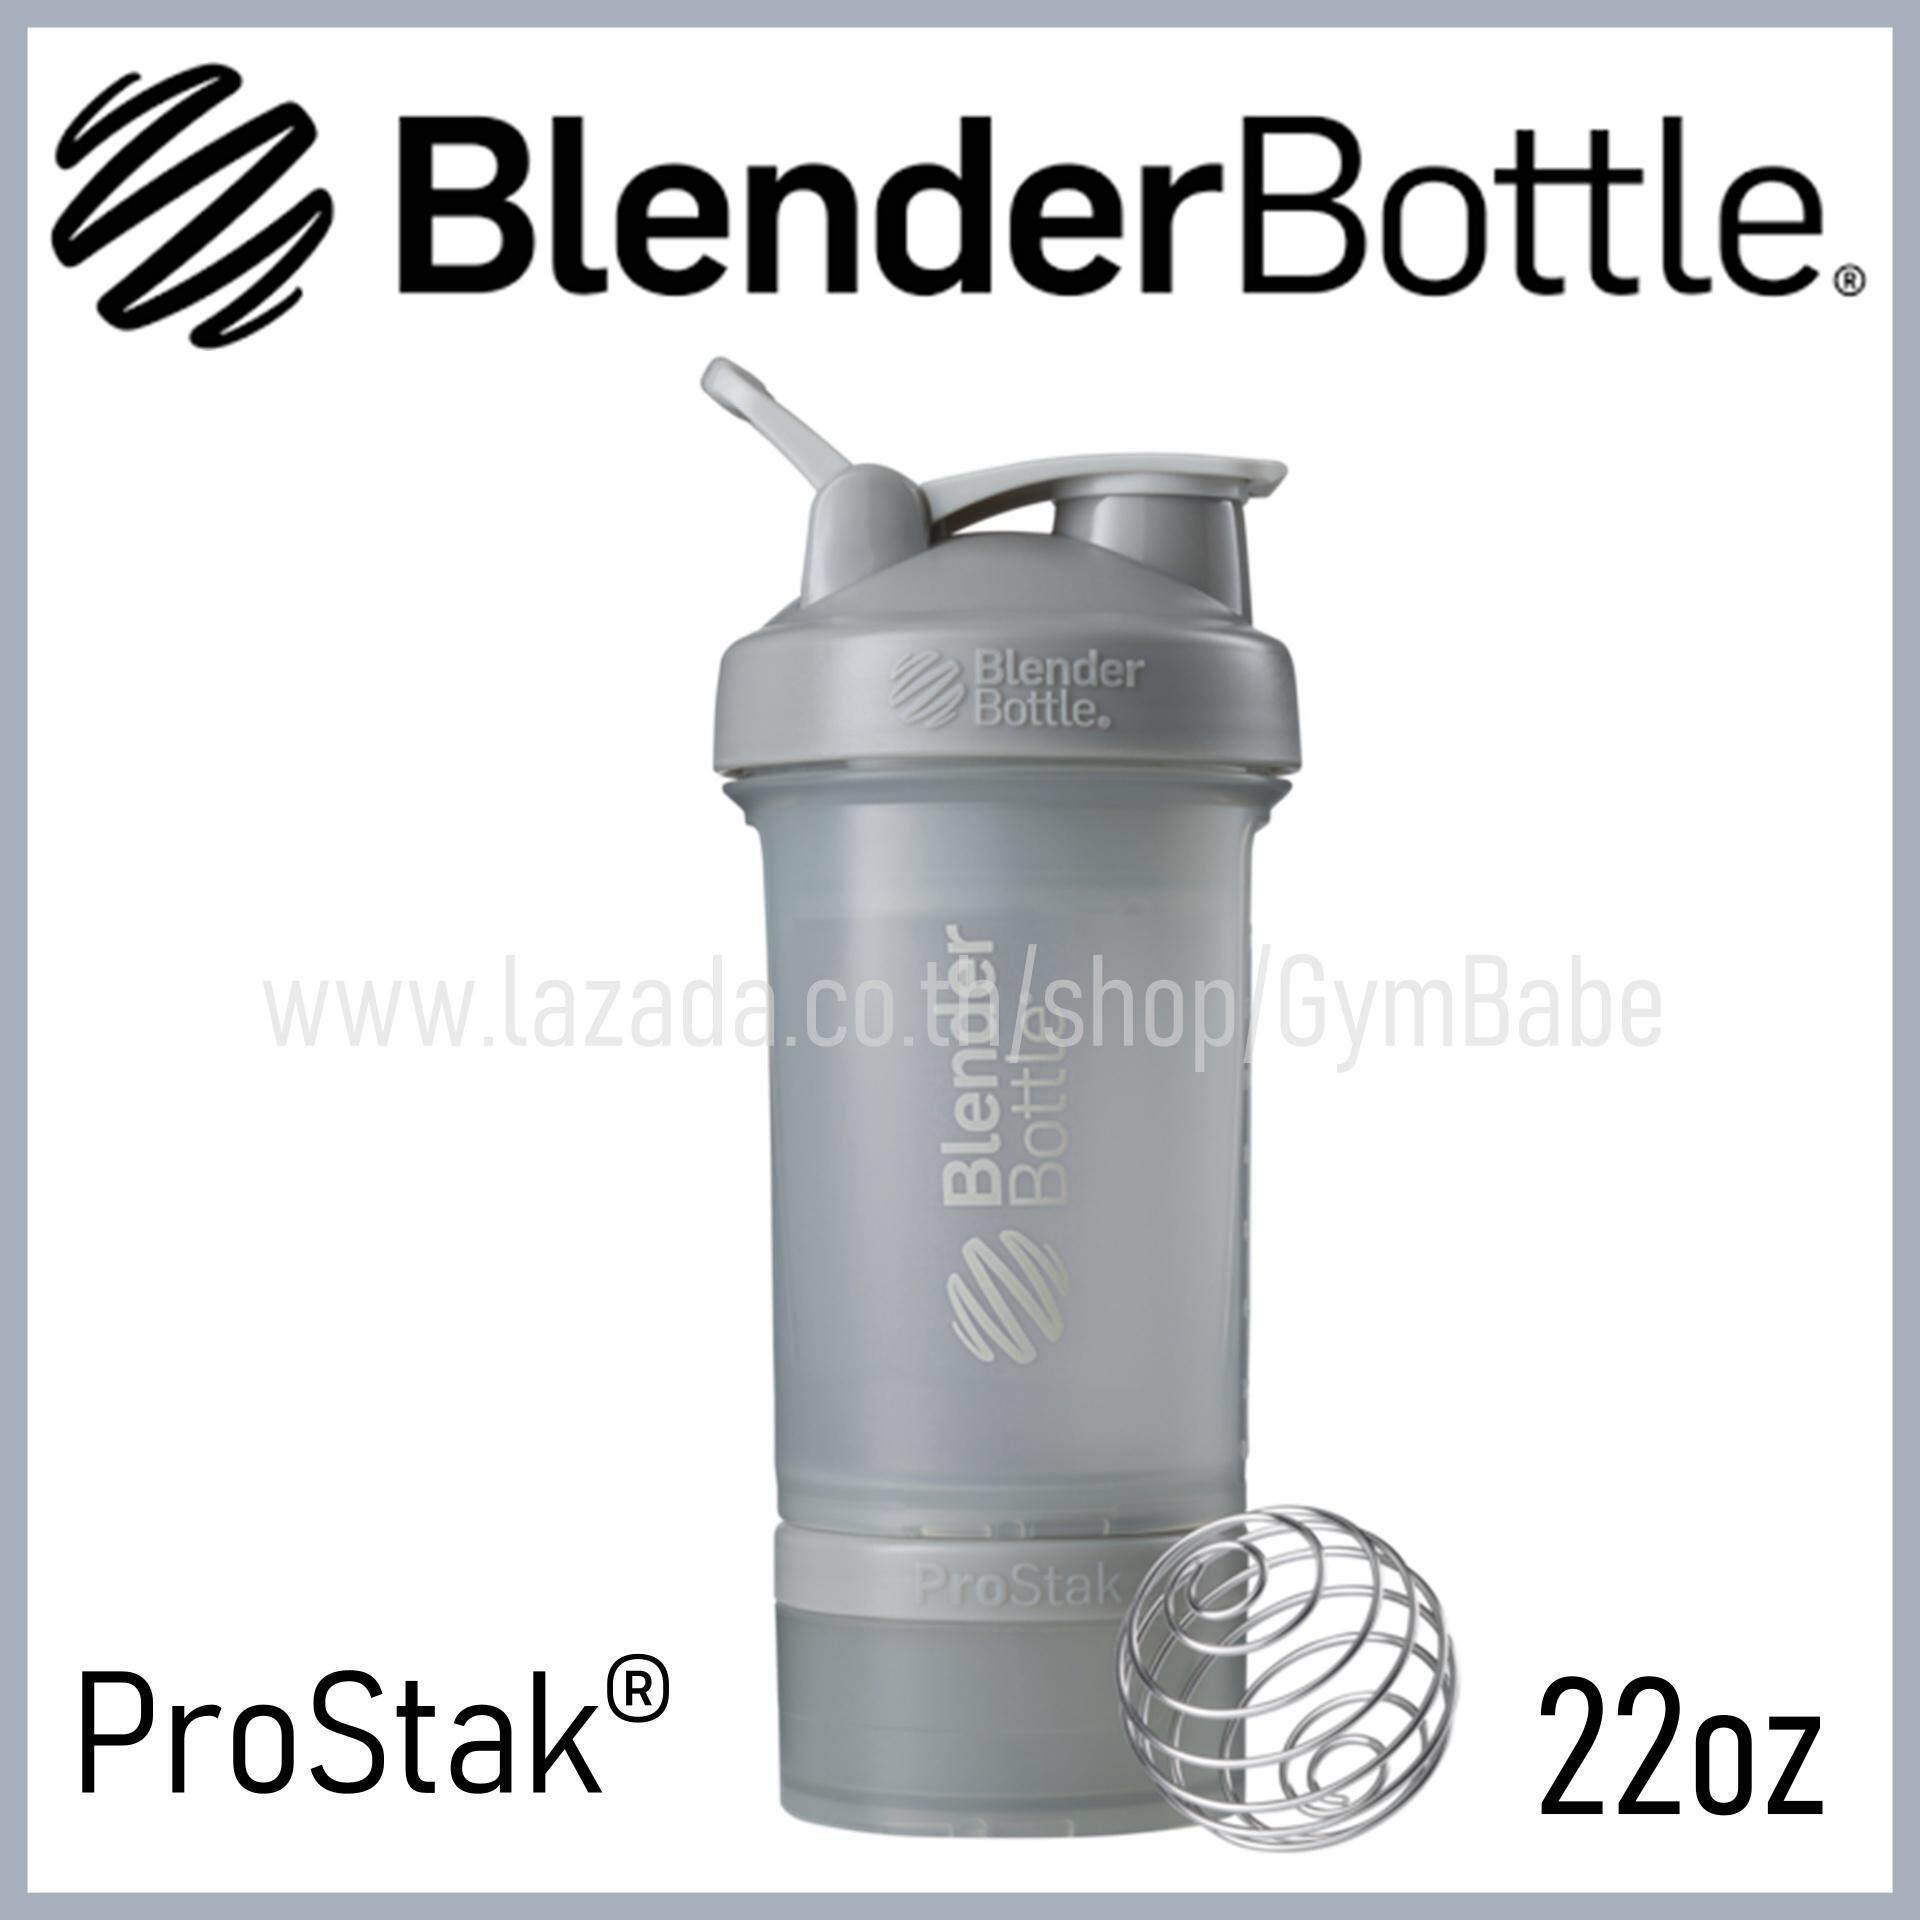 (Grey)แก้วเชค BlenderBottle ของแท้ รุ่น PROSTAK® Shaker Bottle ขนาด 22 oz